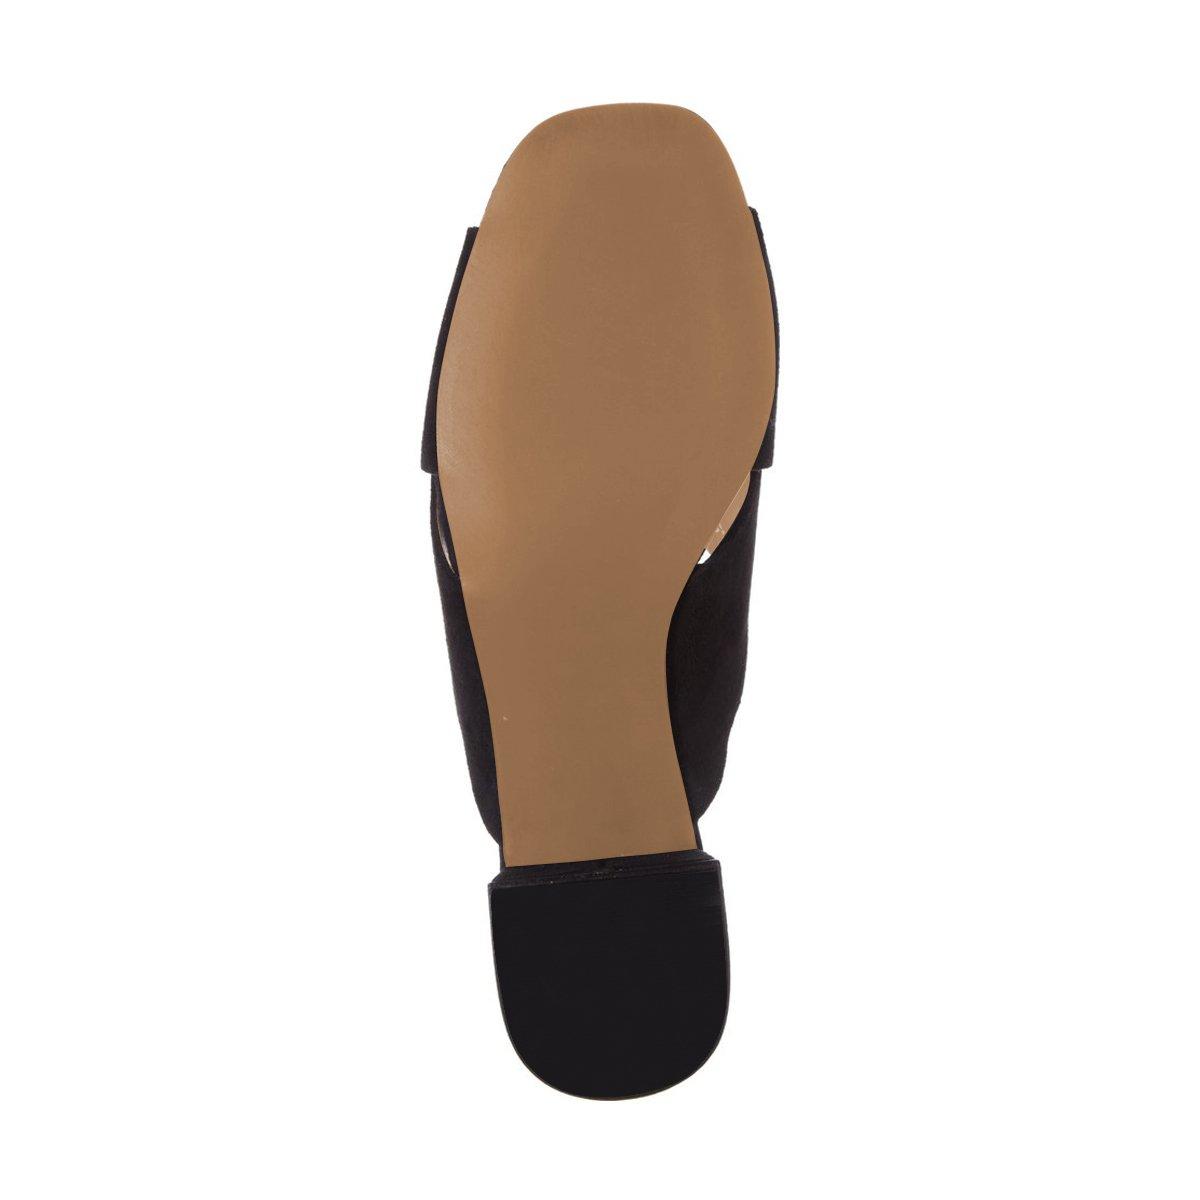 premium selection 5a63e db3e0 Sandalias de gamuza casual de las mujeres de FSJ sandalias de punta abierta  Chunky Tacones bajos mulas zapatos cómodos Tamaño 4-15 Negro